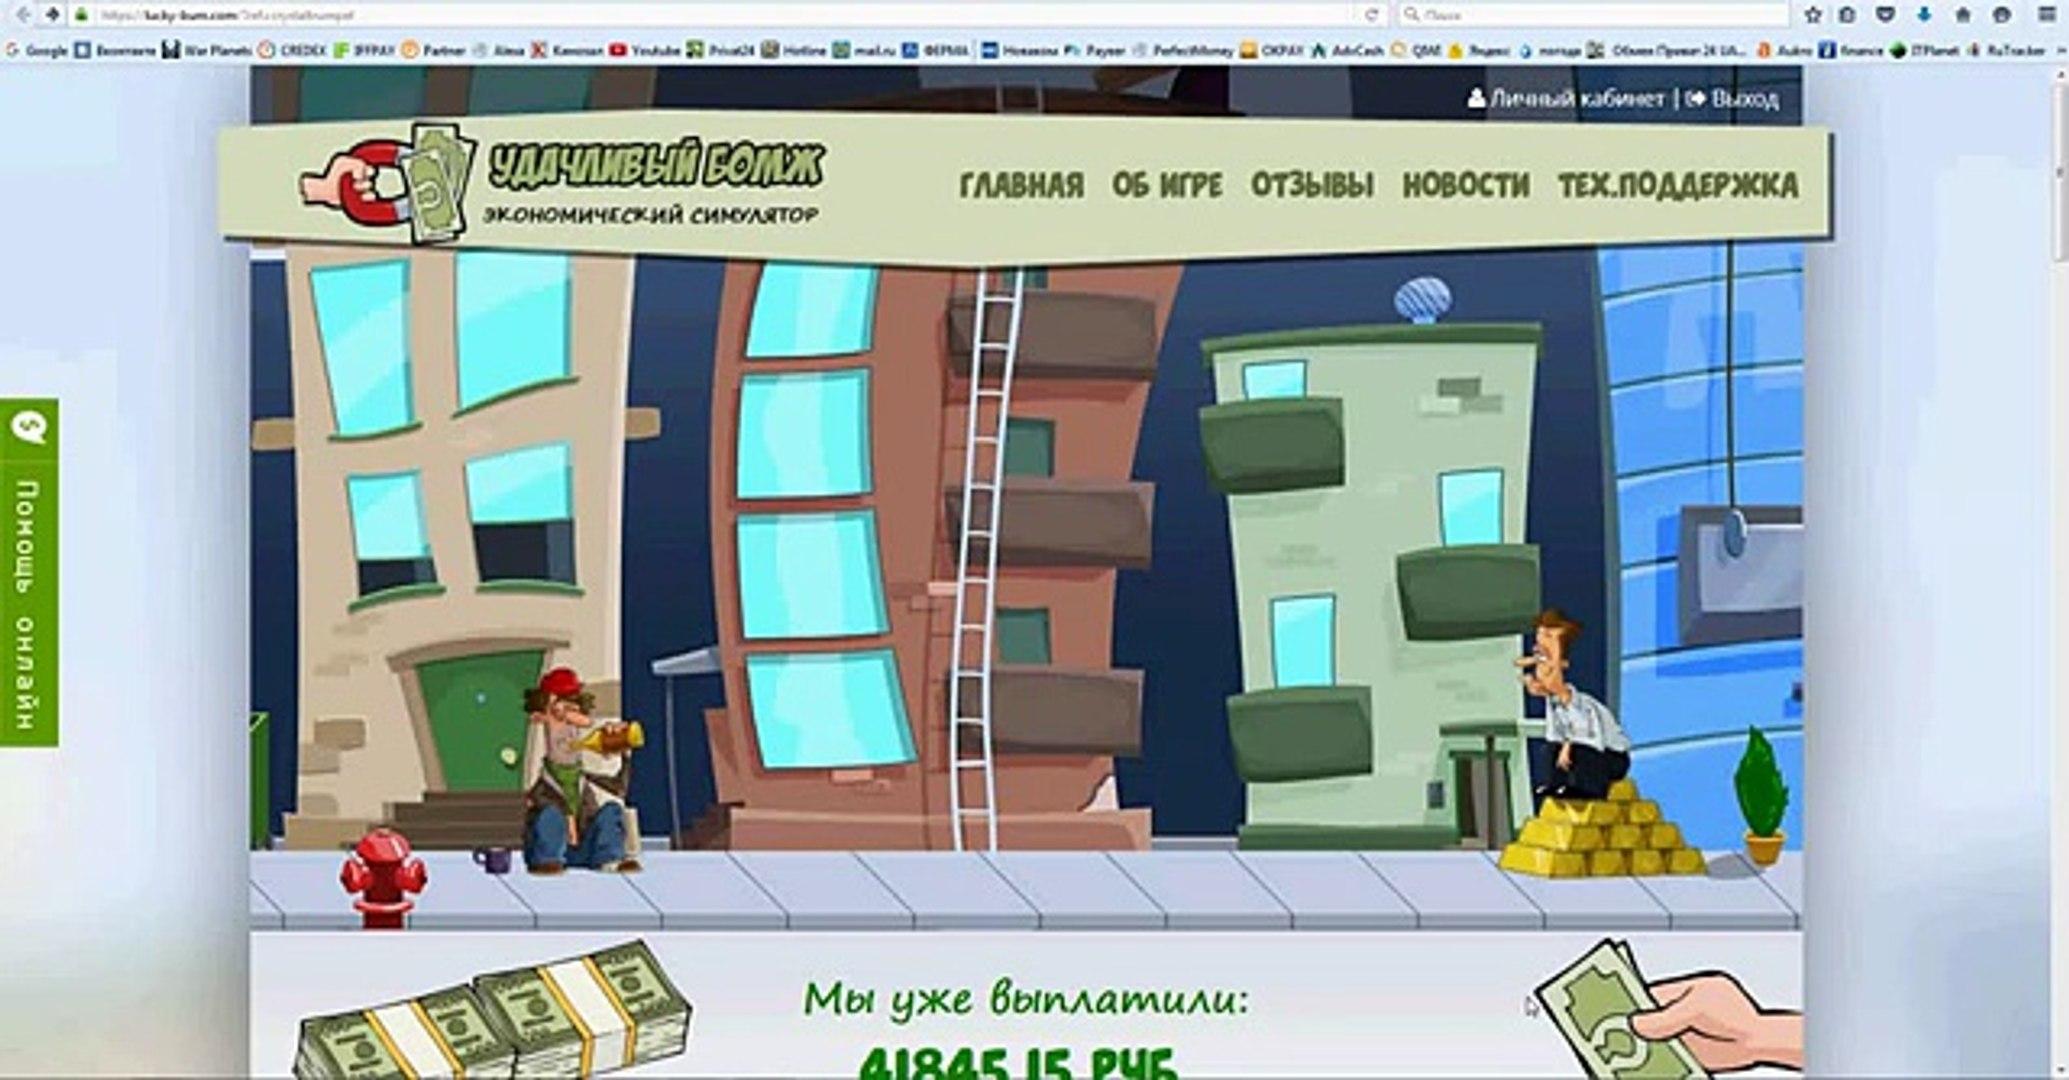 Lucky-bums - УДАЧЛИВЫЙ БОМЖ - ВЫВОД 533руб., Маркетинг Игры!